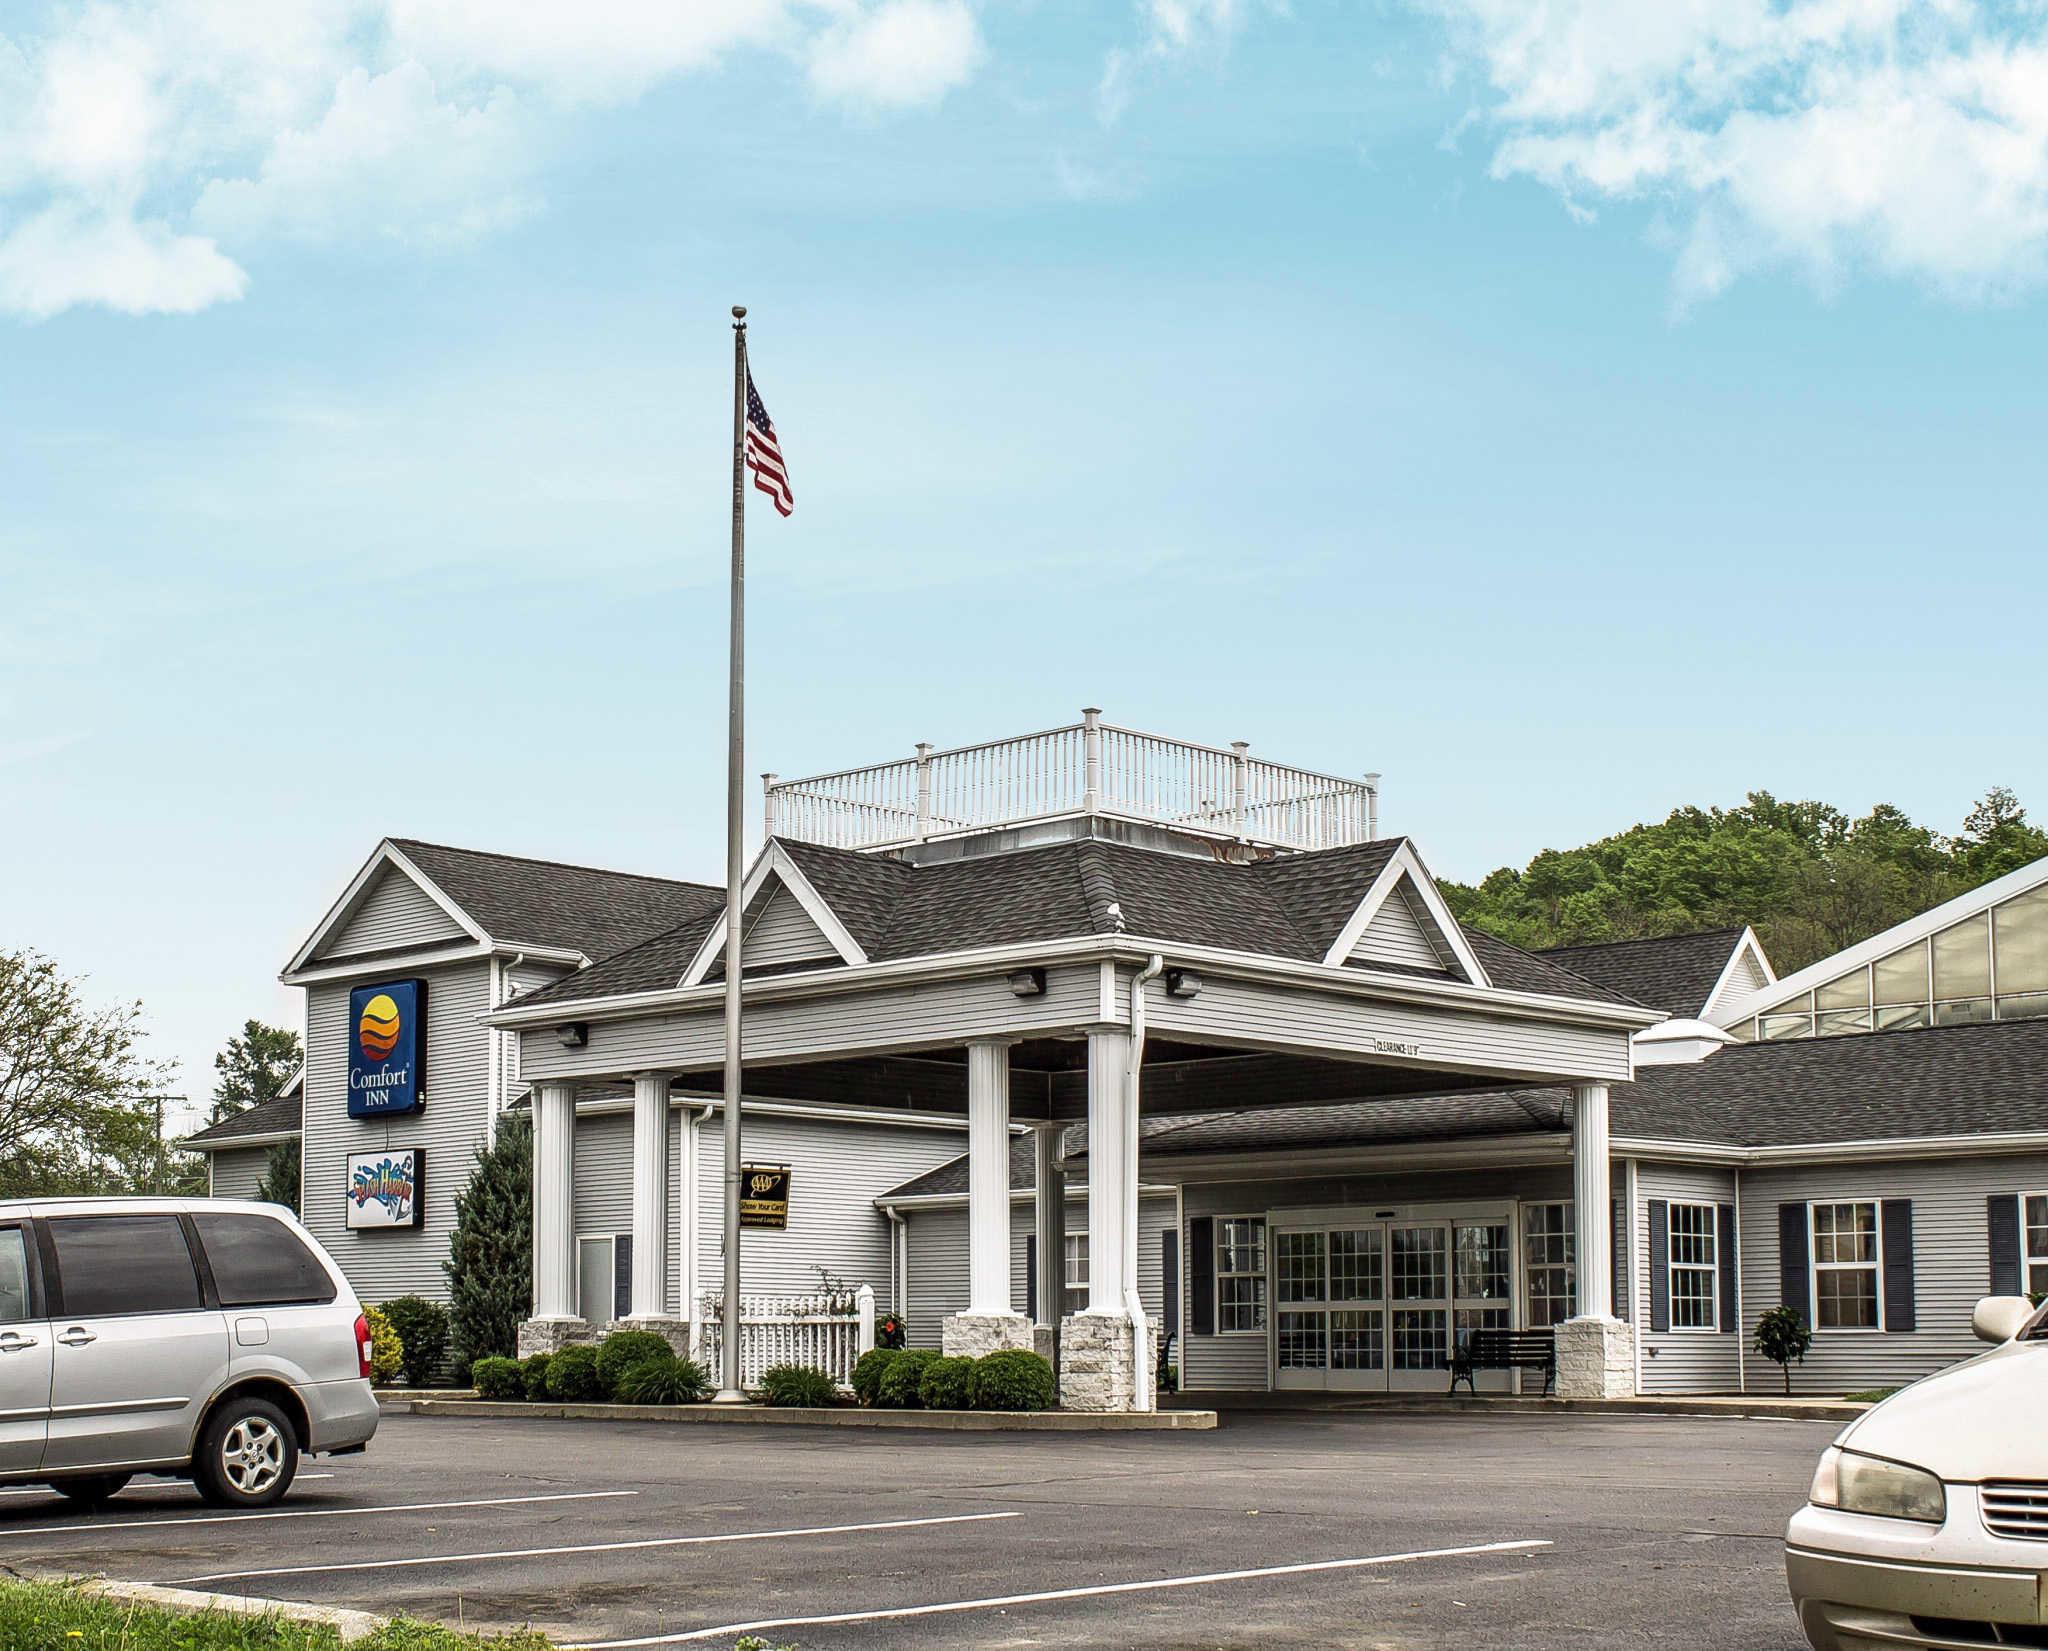 Comfort Inn Splash Harbor image 1